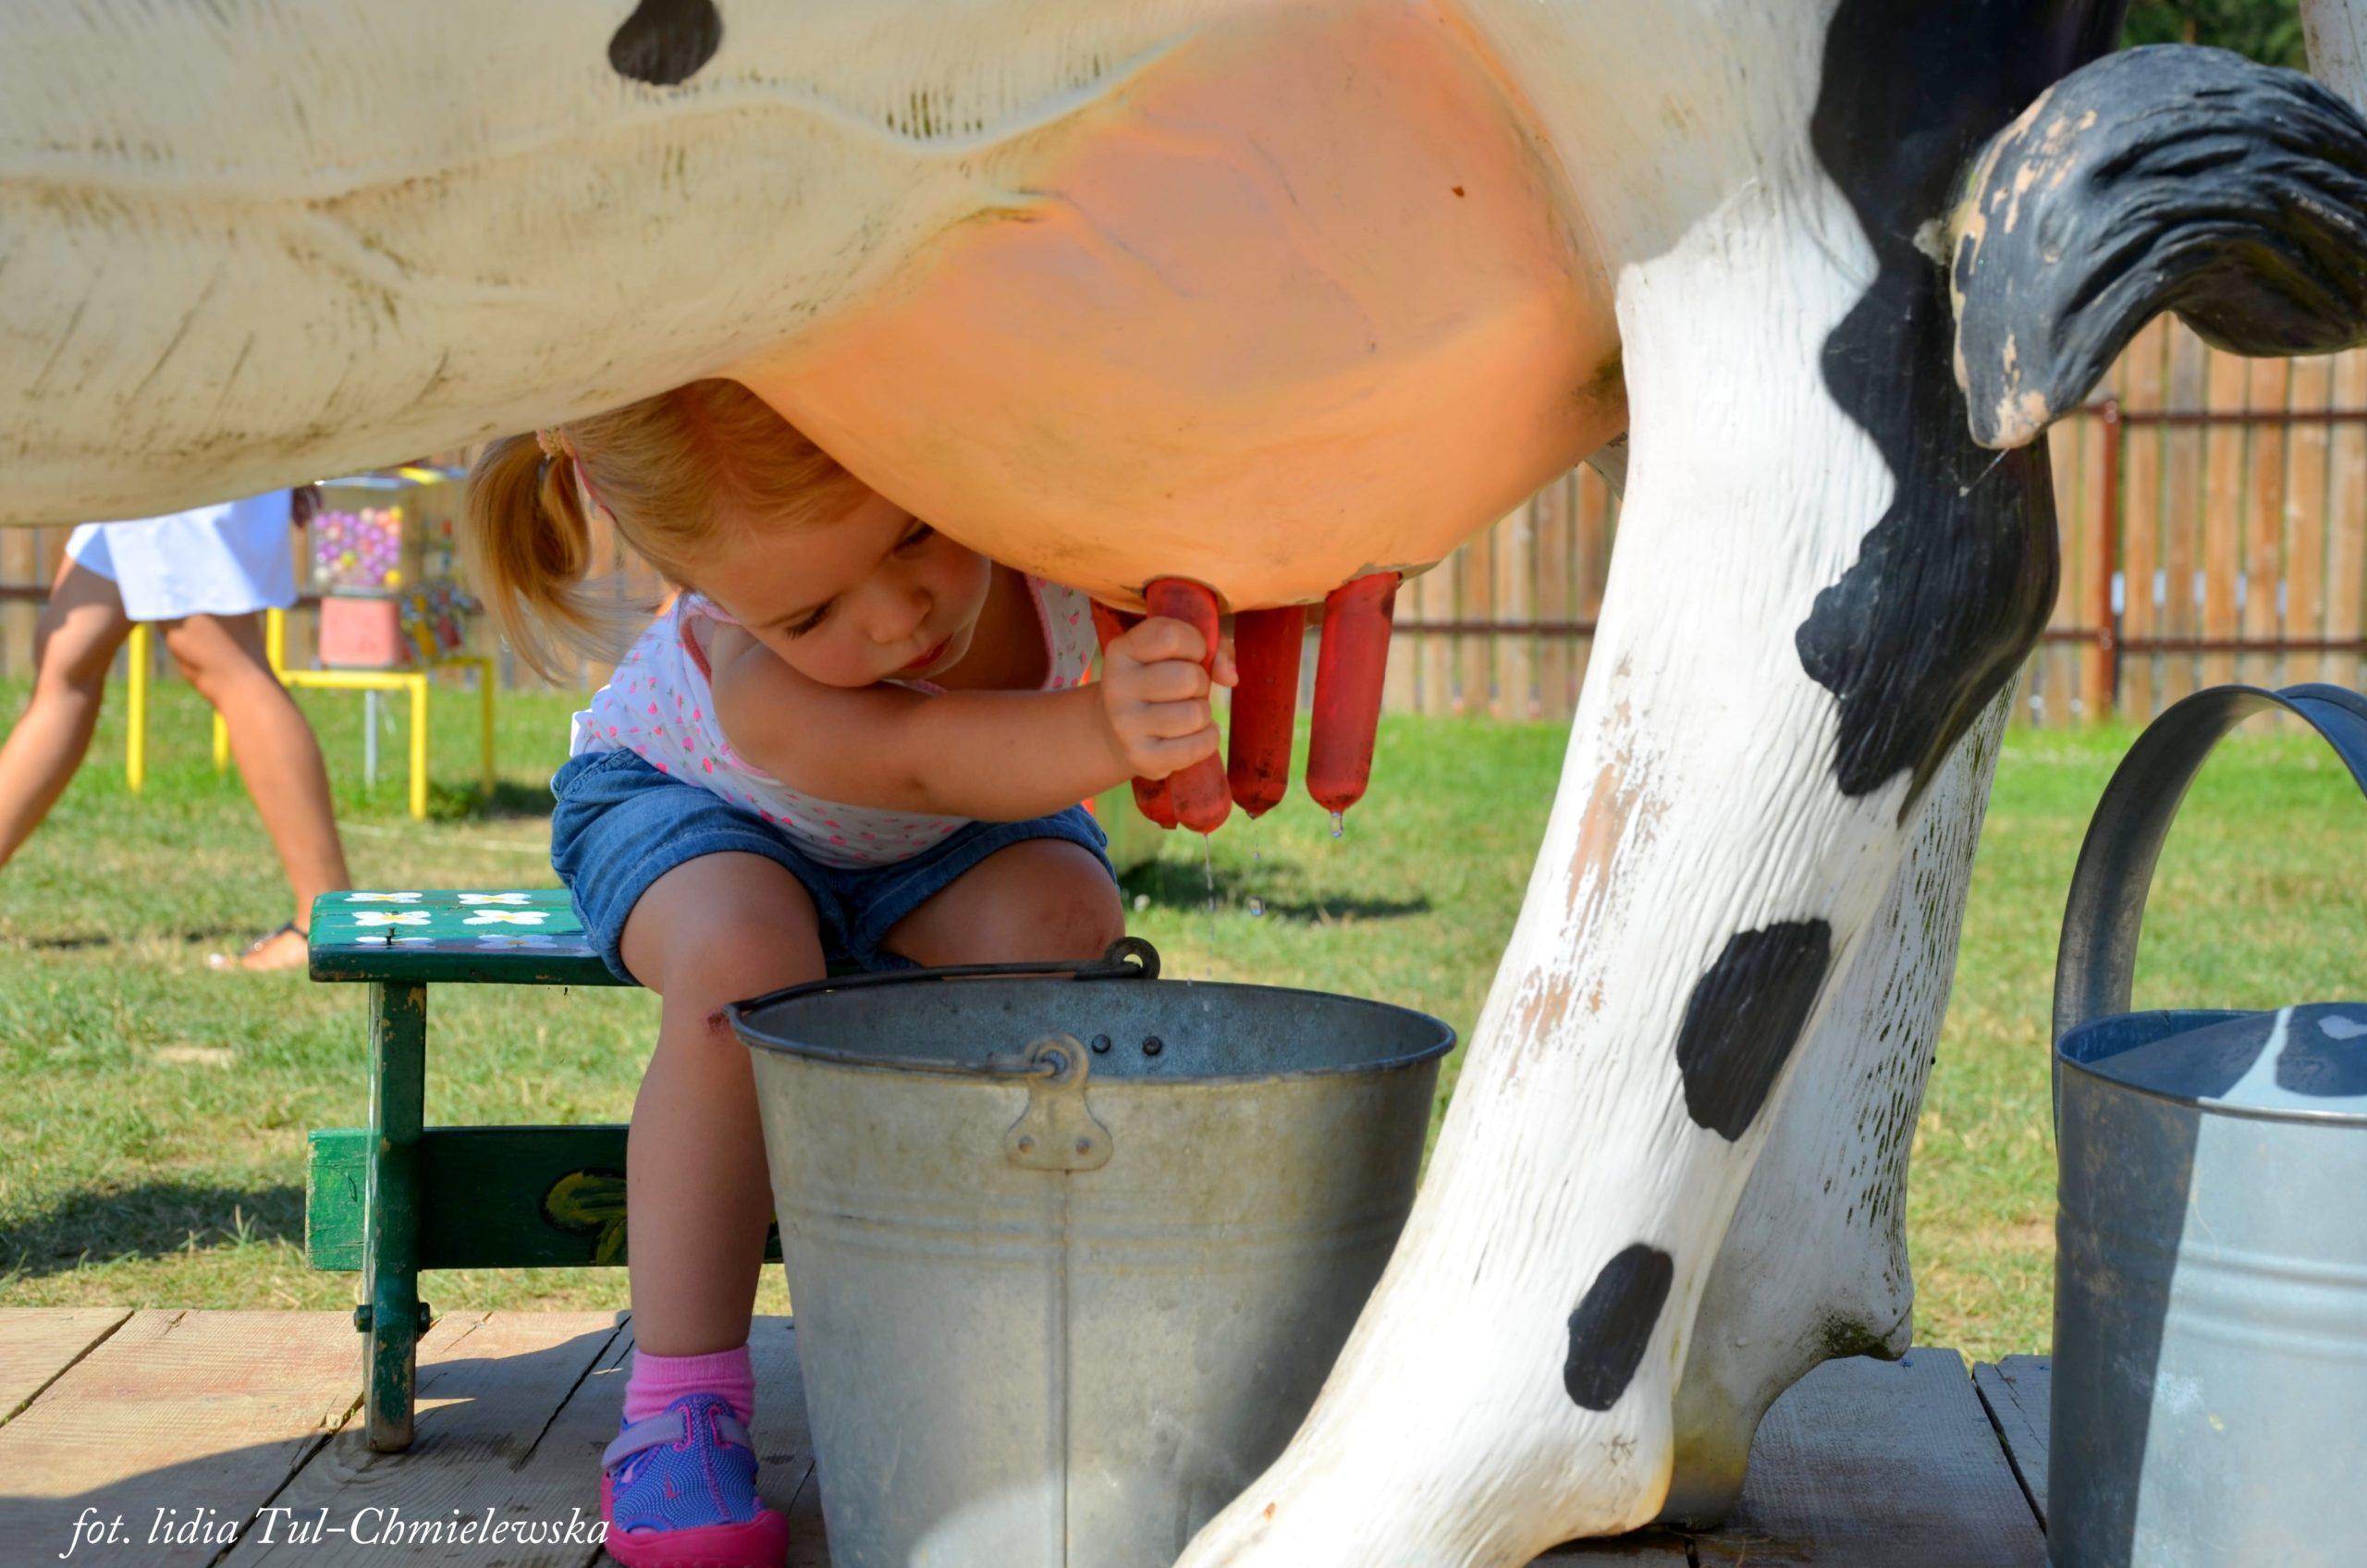 Wiejskie zoo dojenie krowy sztucznej fot. Lidia Tul-Chmielewska